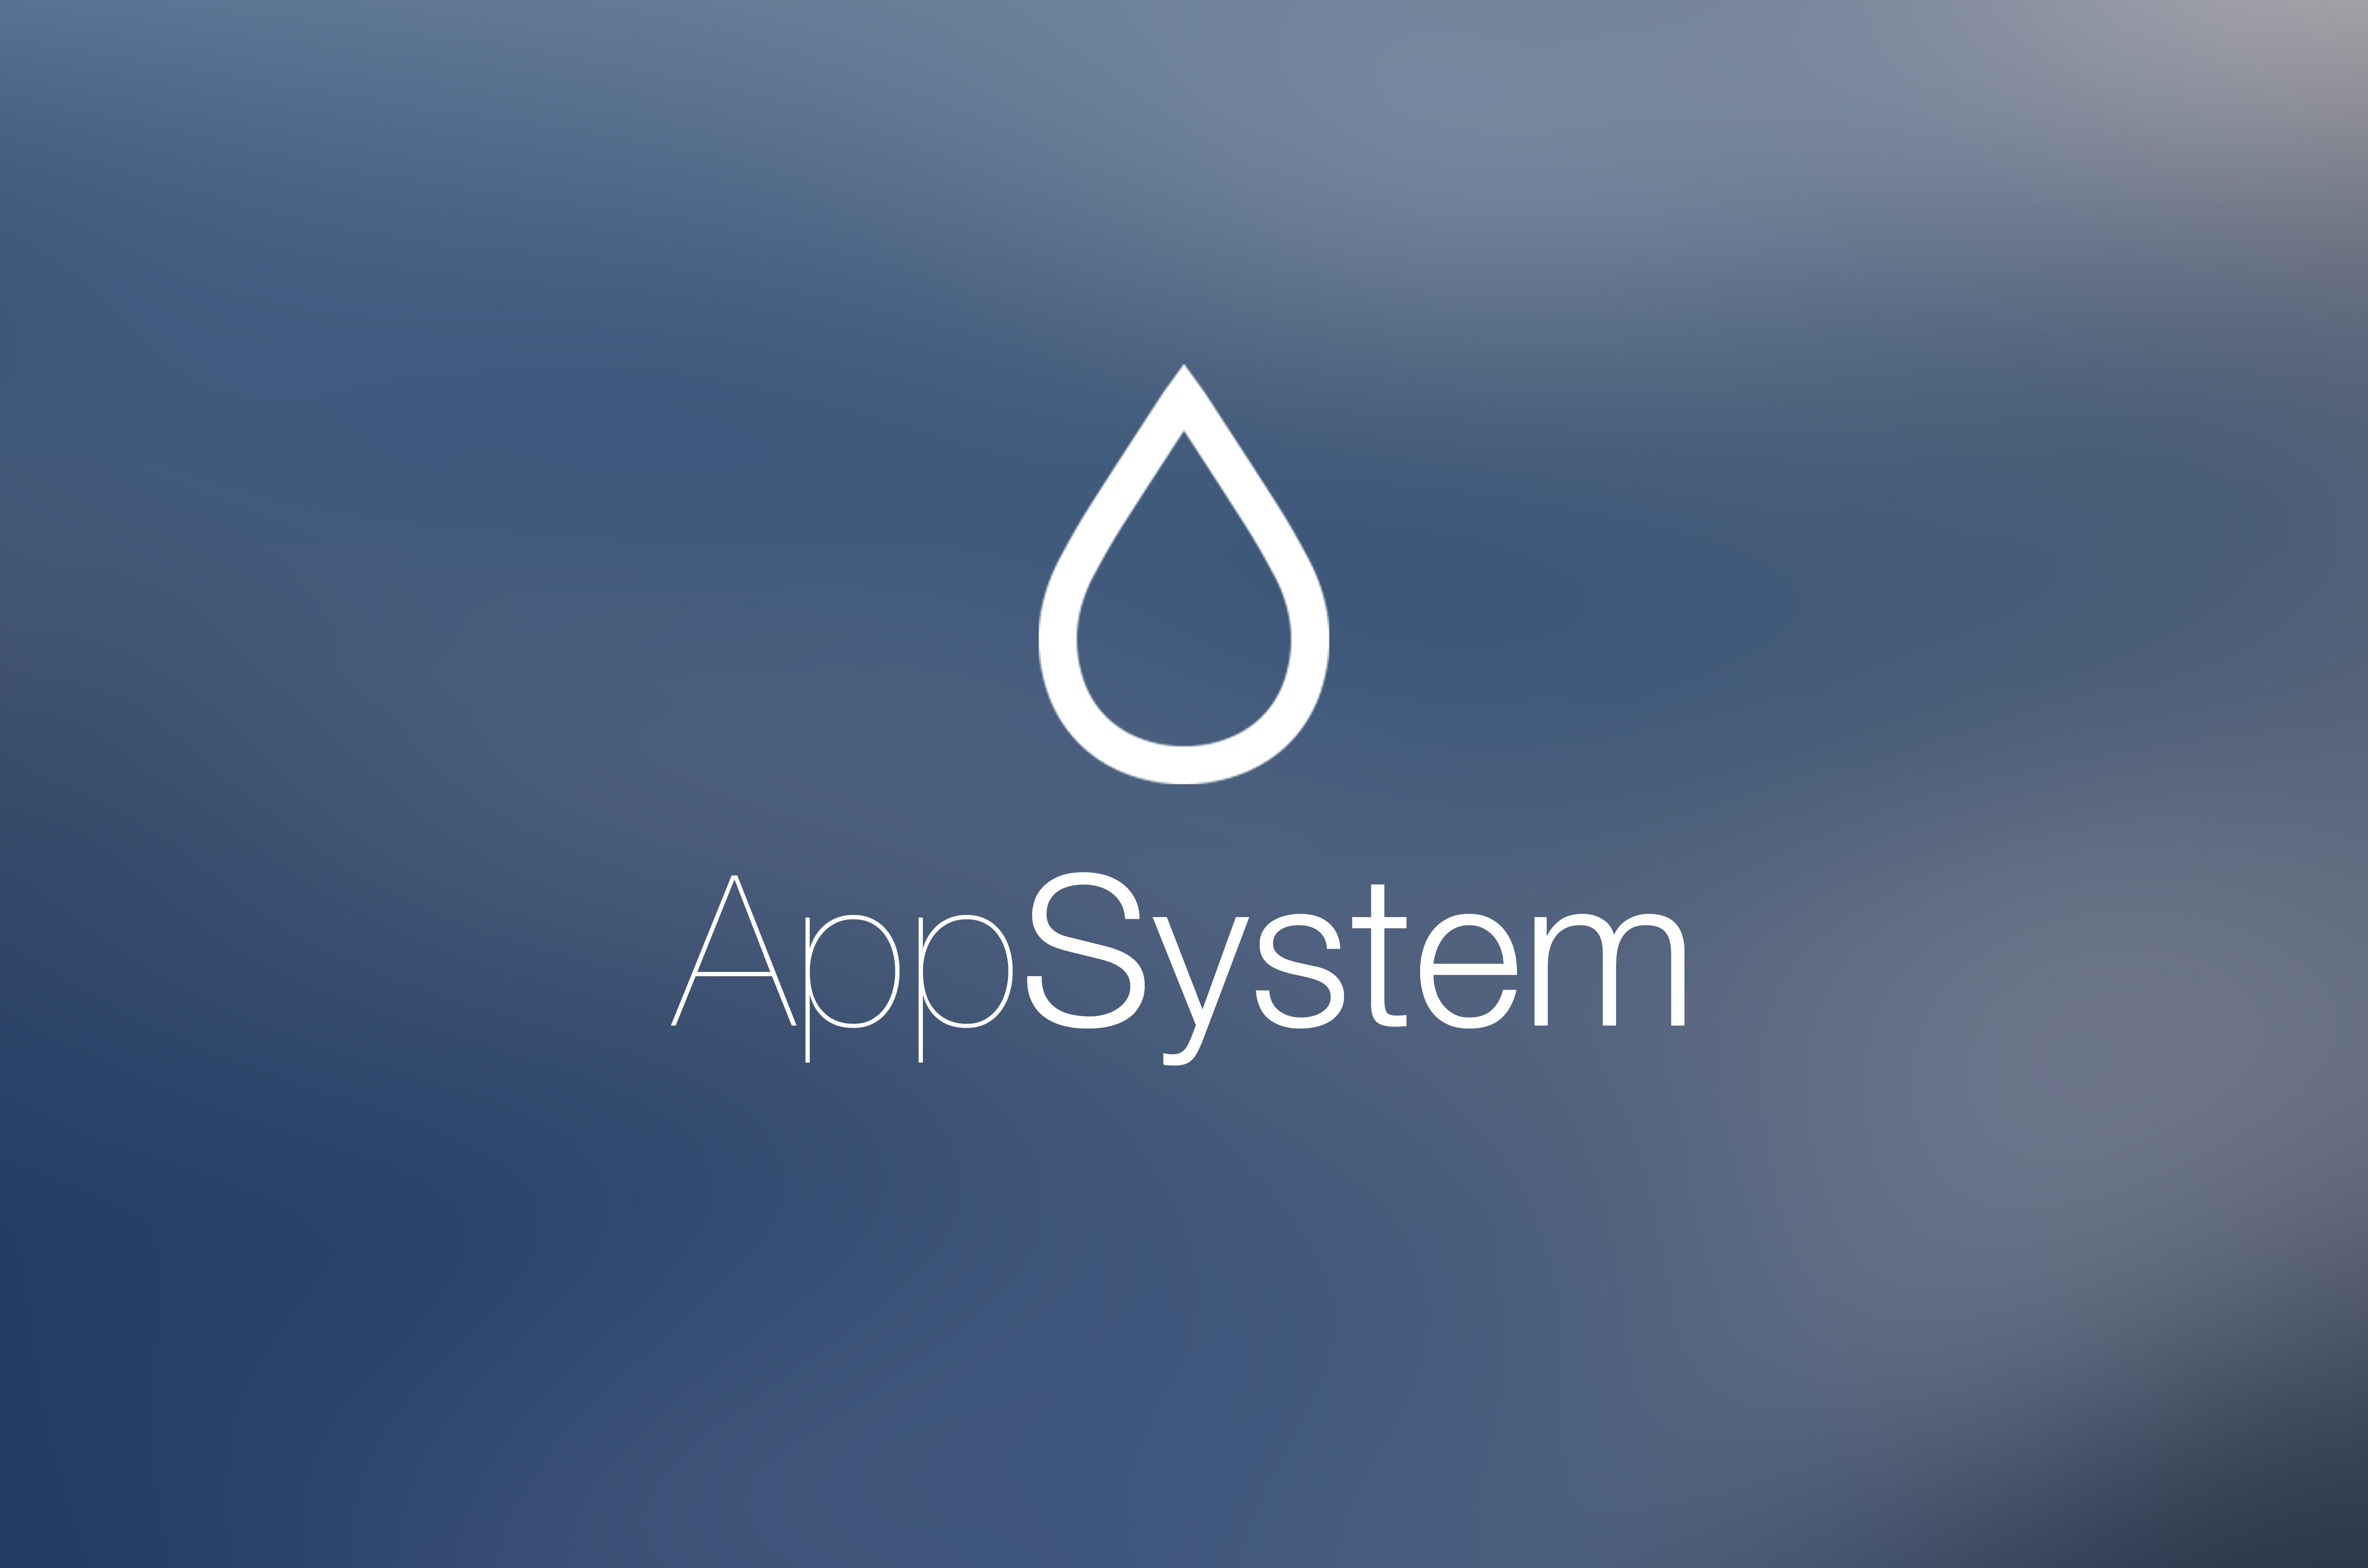 banniere appsystem Une mise à jour dAppSystem iOS est disponible